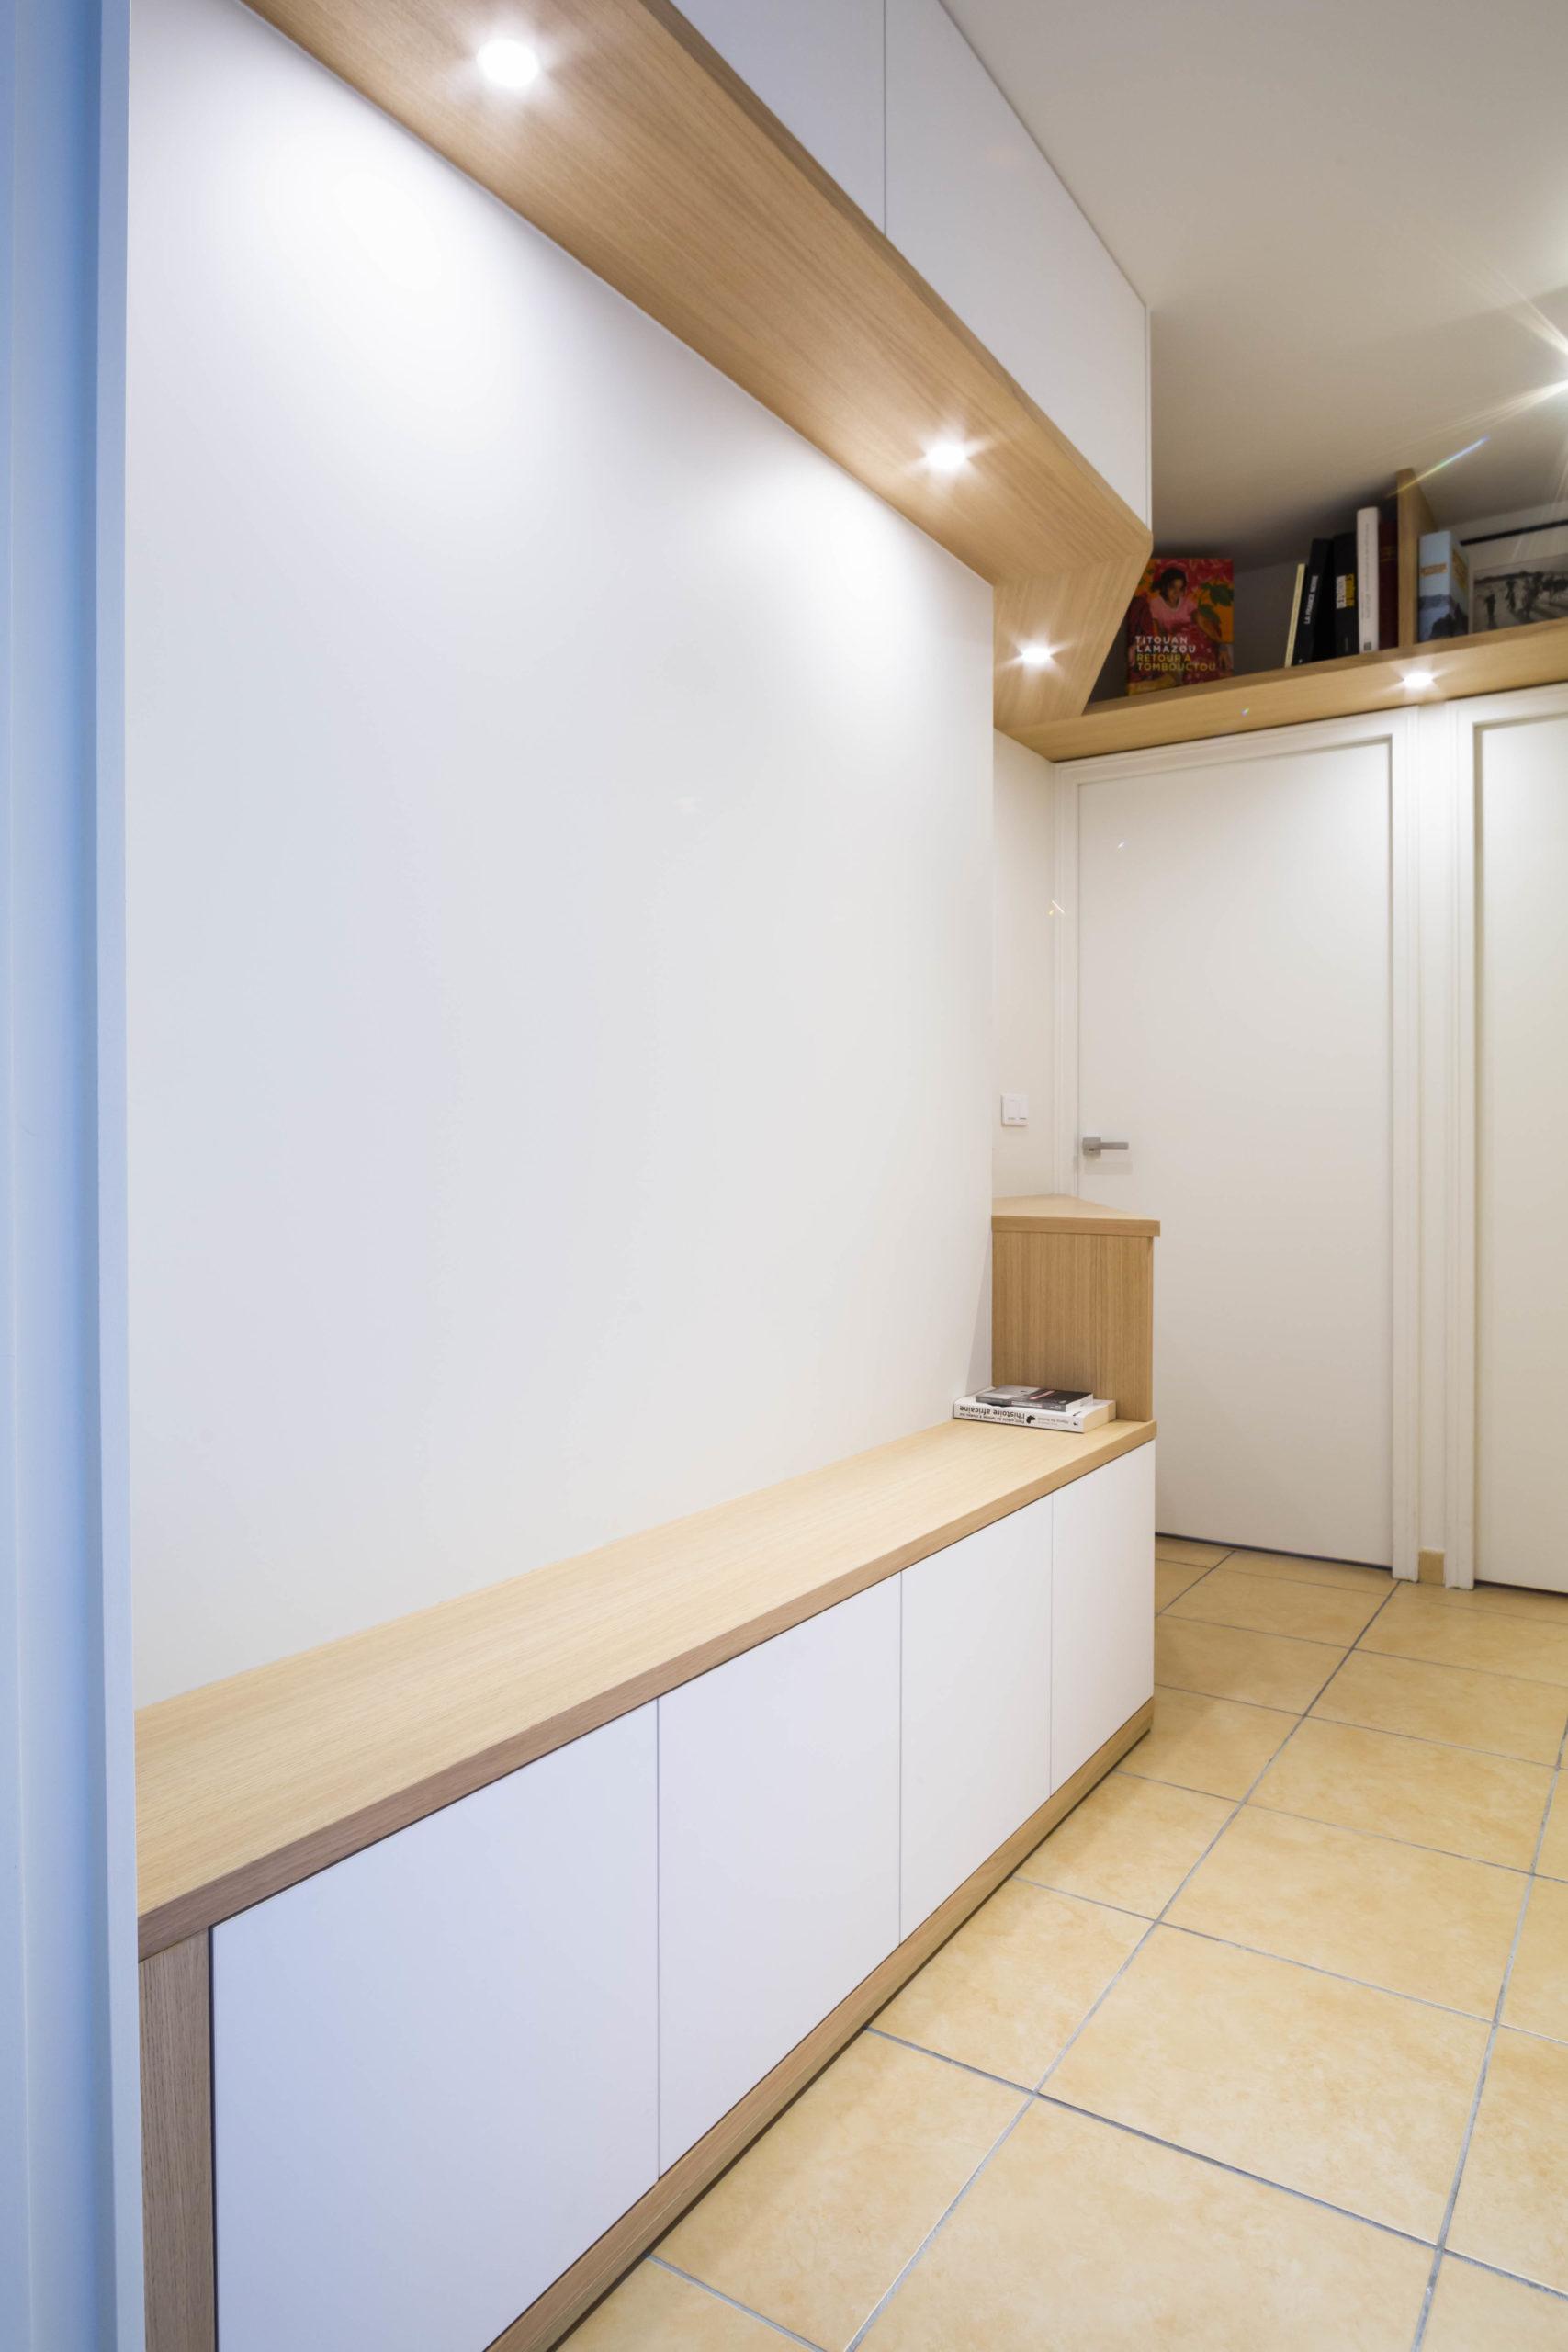 Atelier Plurielles Architectures Réaménagement appartement Anglet - meuble entrée 2